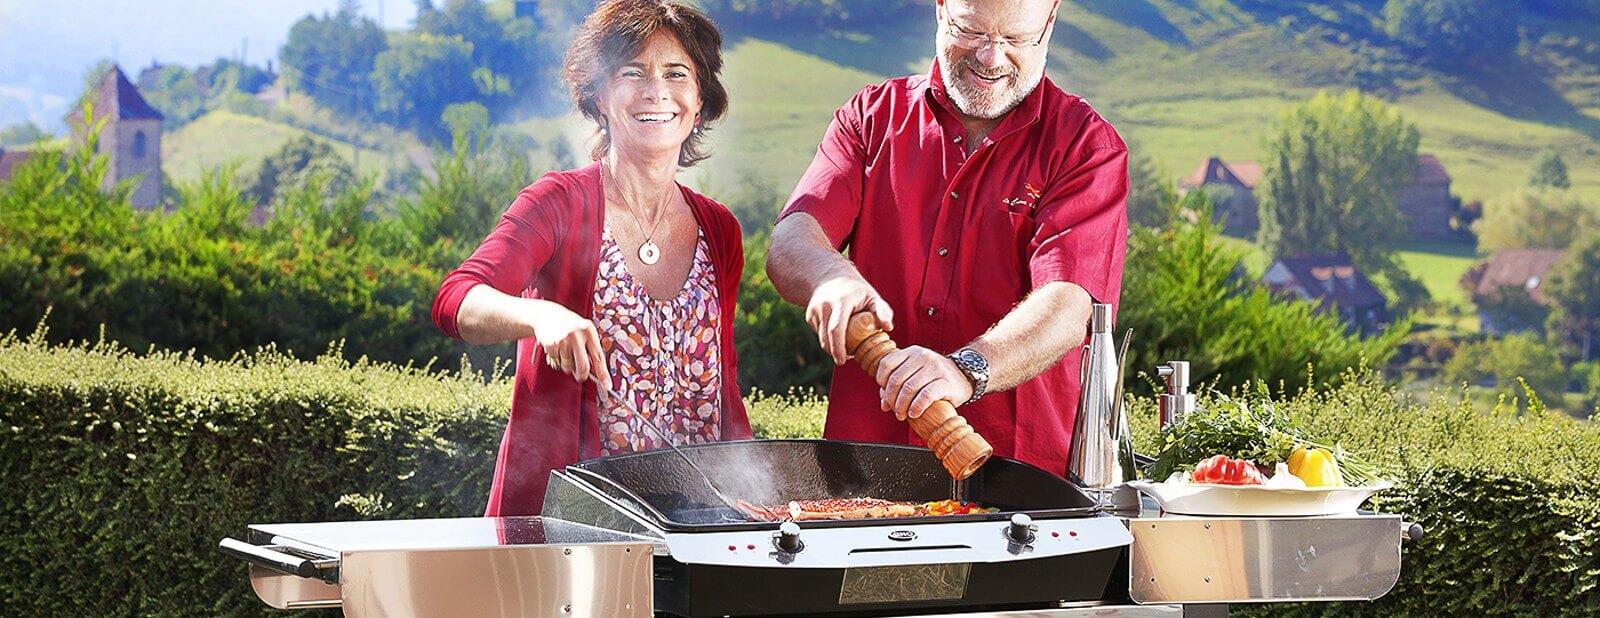 Entdecken Sie neu, draussen zu kochen